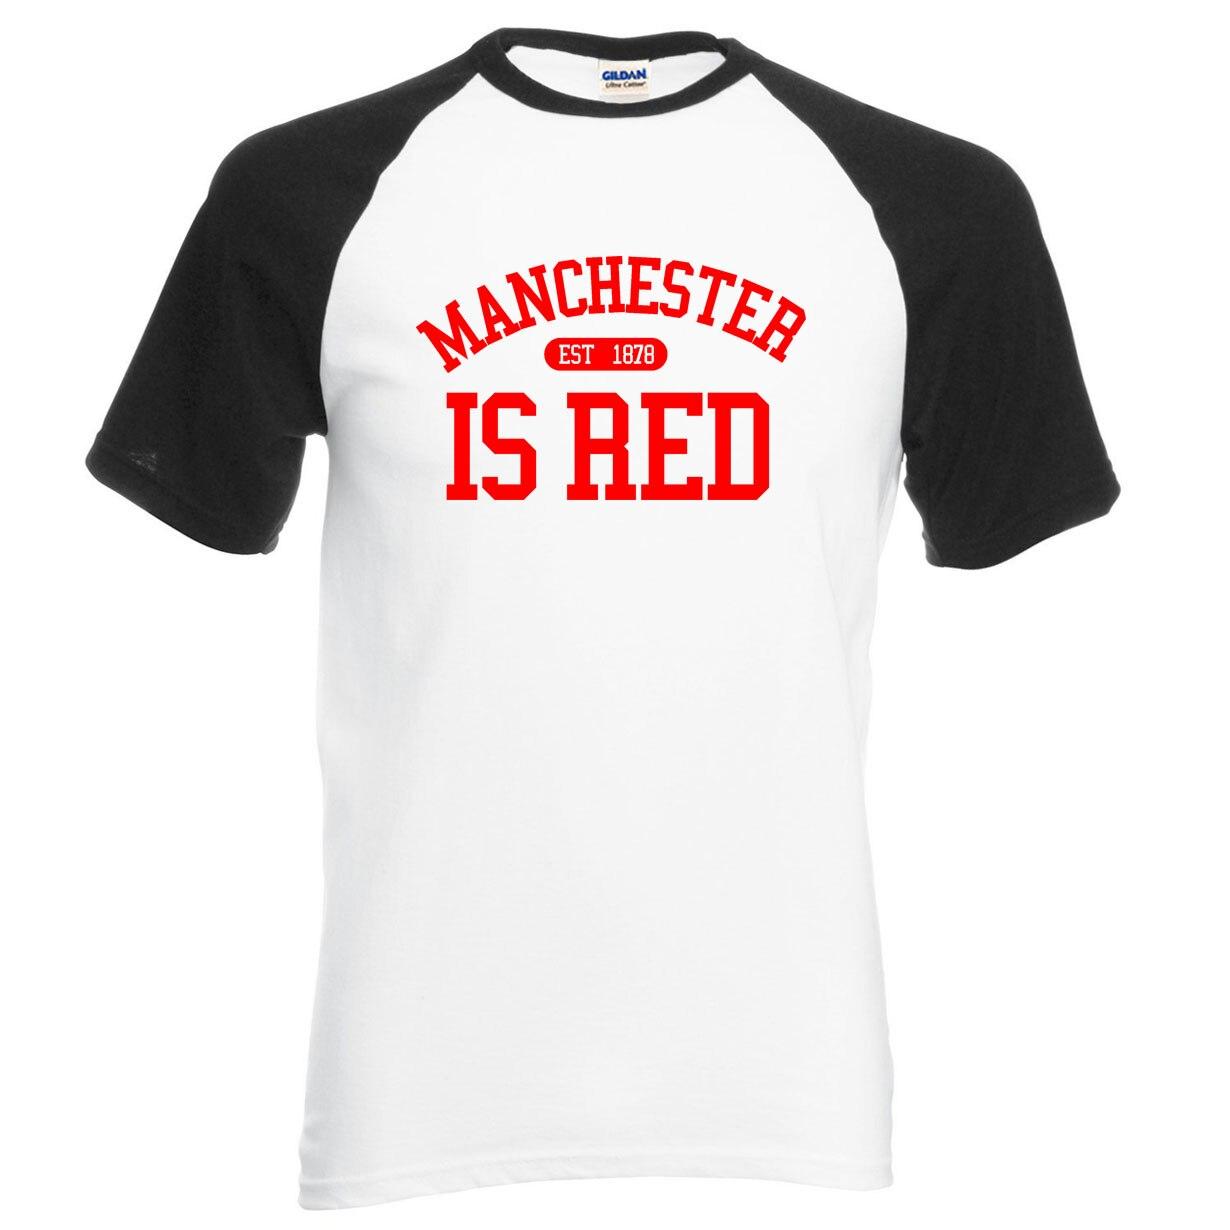 Design your own t shirt cheap uk - The Uk Manchester Is Red Print Raglan Men T Shirt 2017 New Summer 100 Cotton